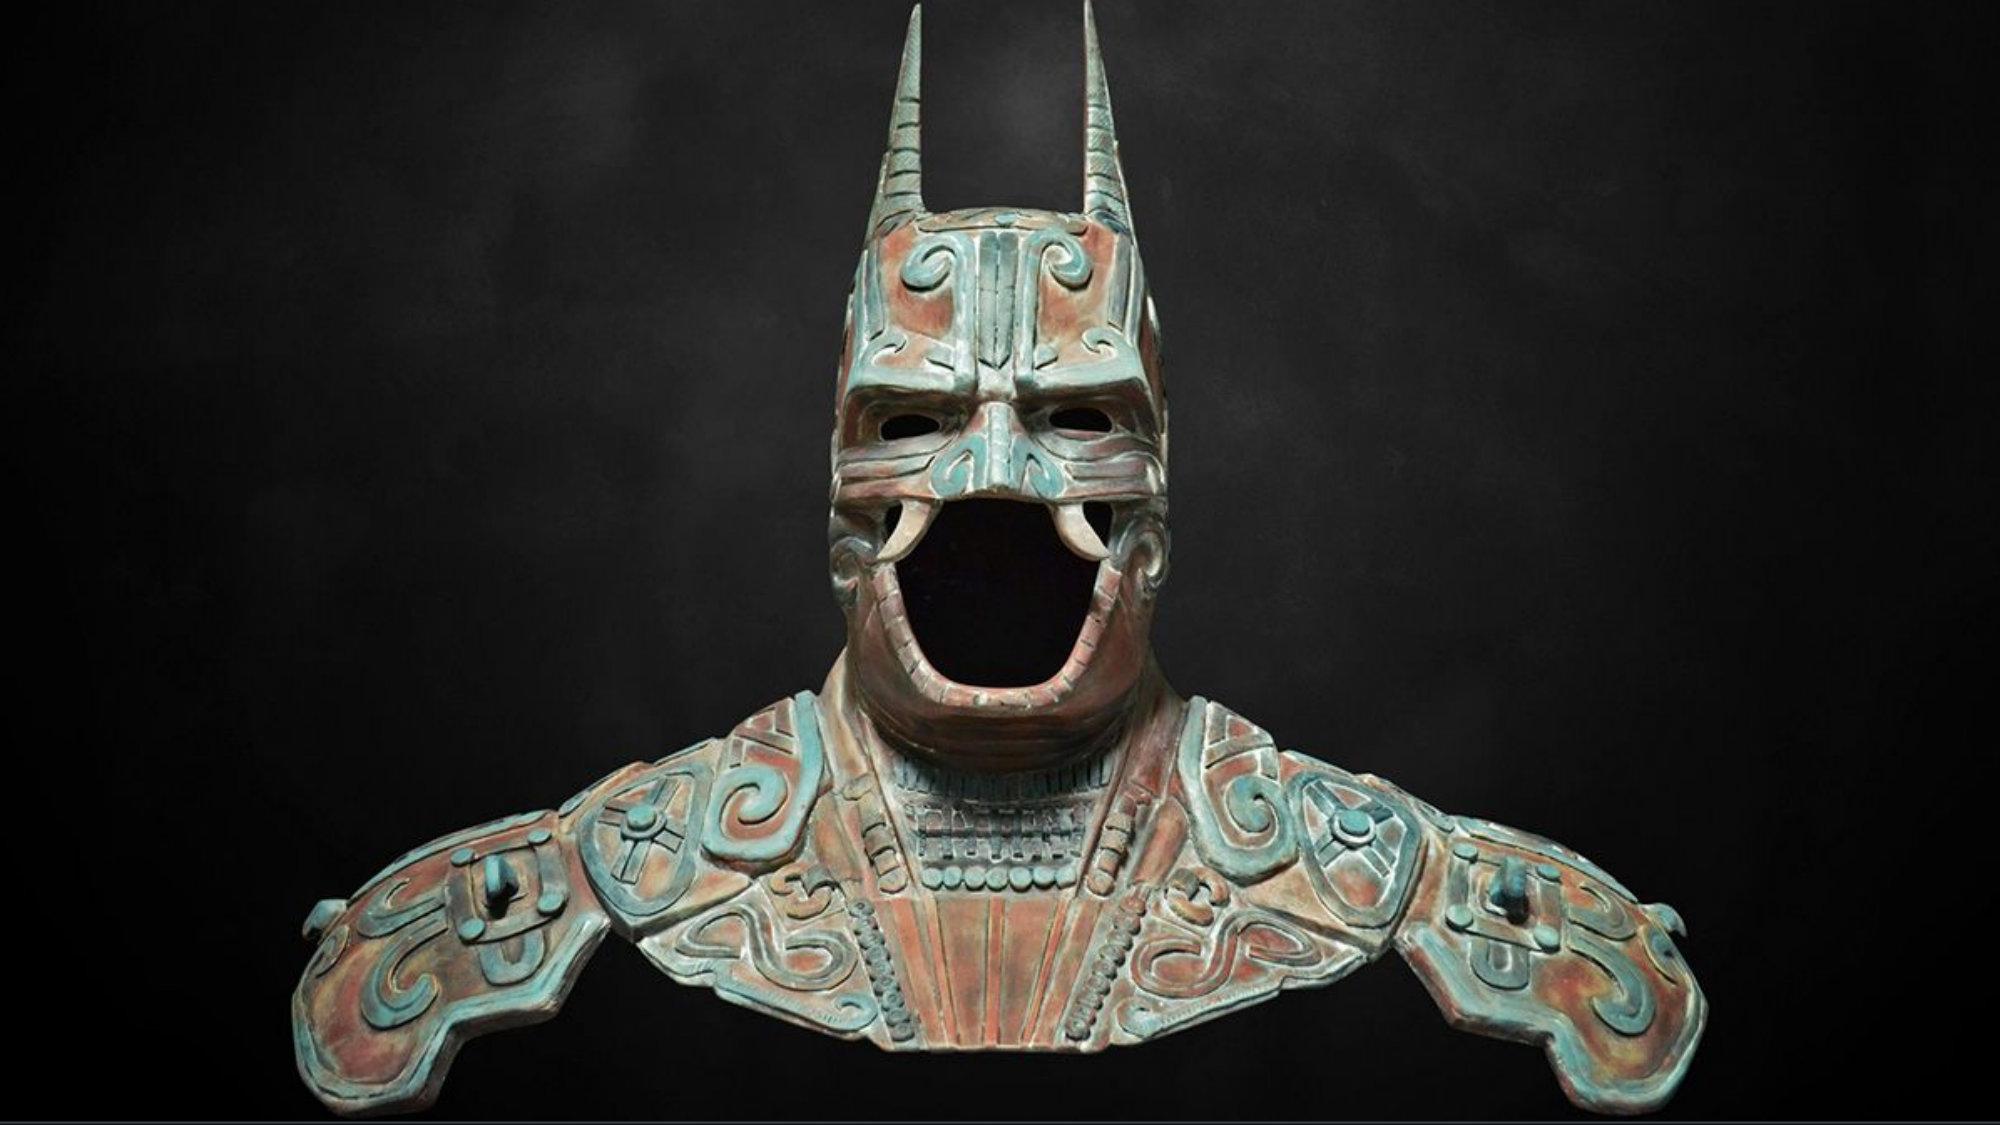 Batman maya Mumedi Batman a través de la creatividad mexicana